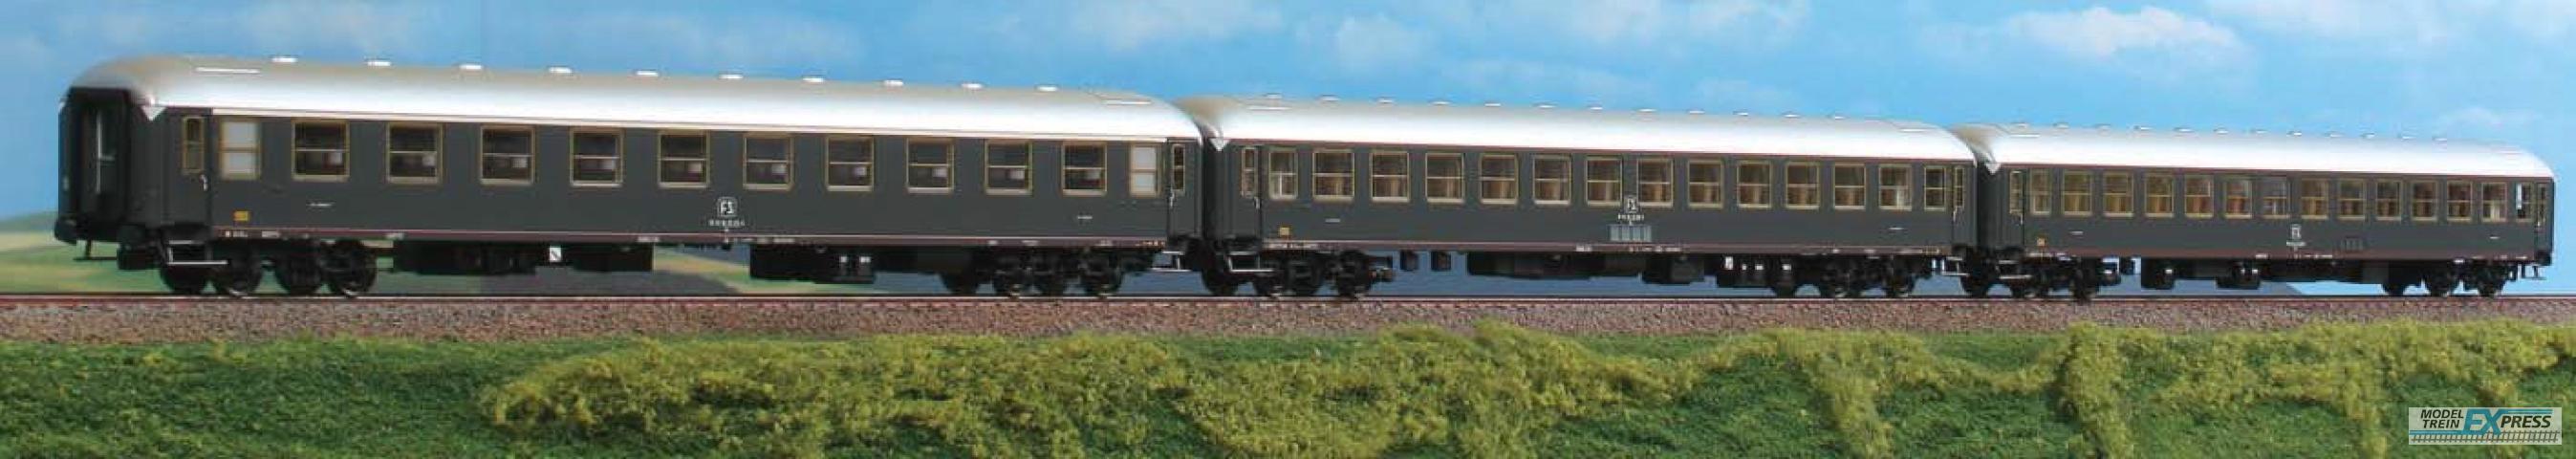 ACME 55226